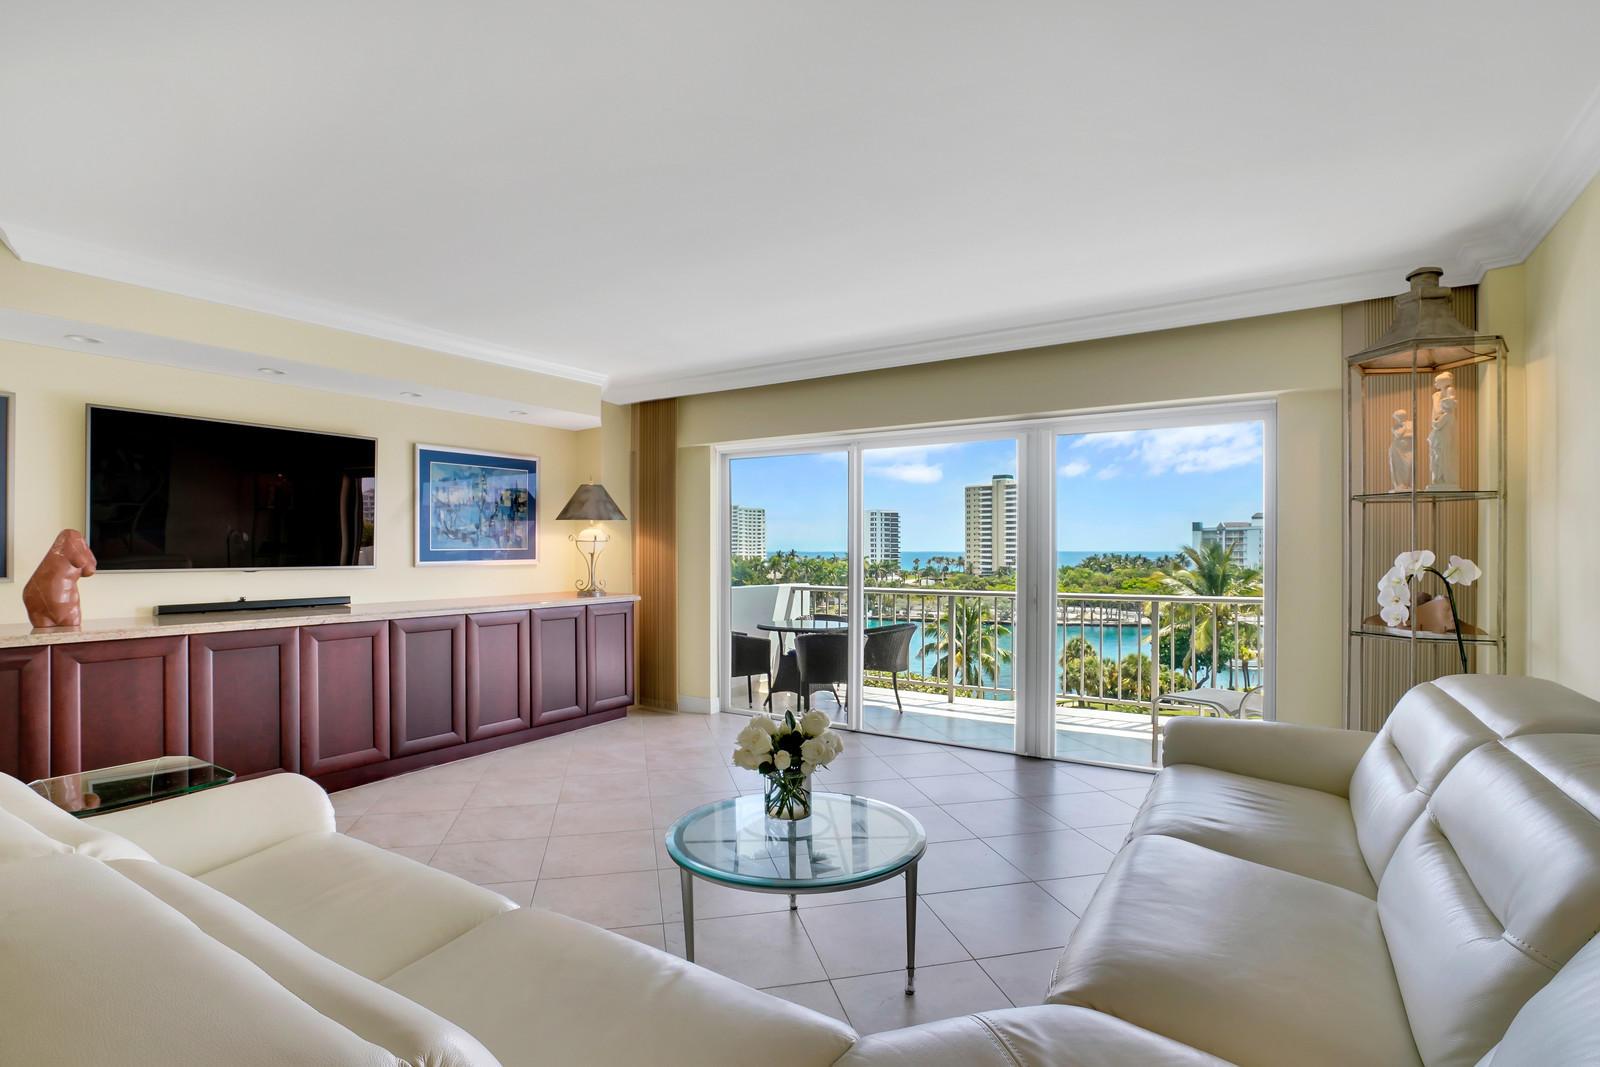 875 Camino Real, Boca Raton, Florida 33432, 2 Bedrooms Bedrooms, ,2 BathroomsBathrooms,Condo/Coop,For Sale,Camino Real,7,RX-10529253